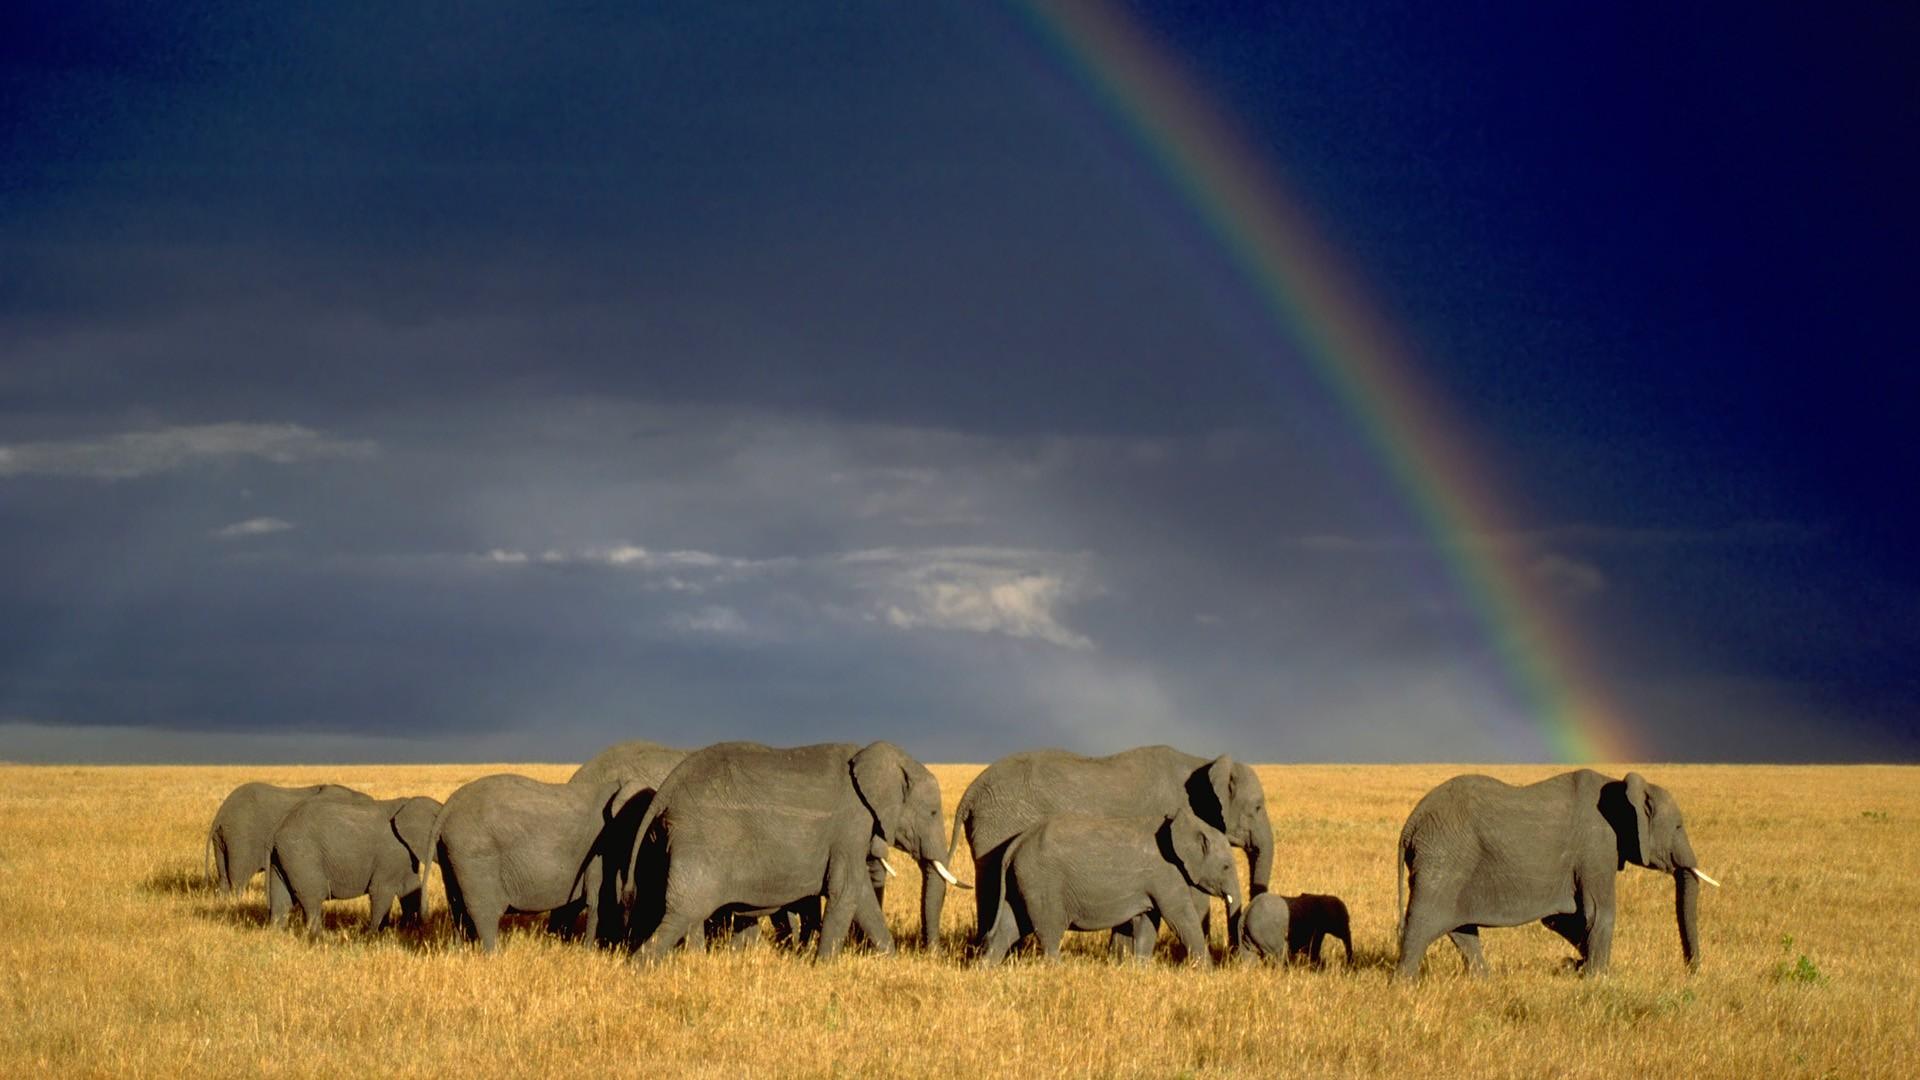 Elephant Wallpapper in Rainbow